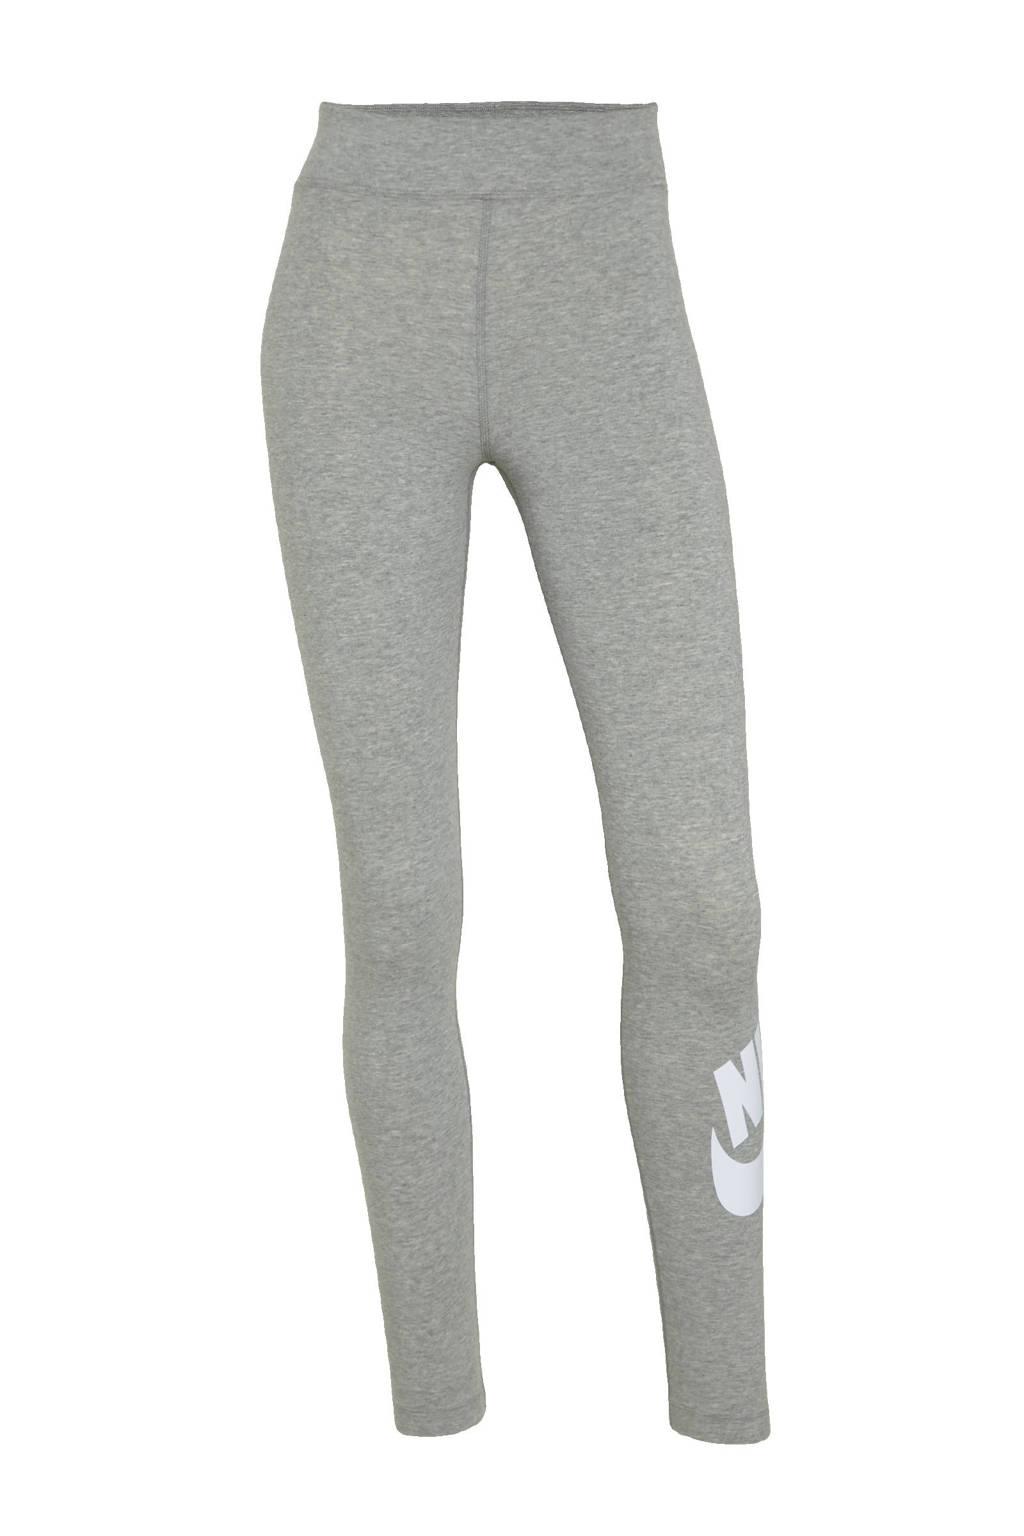 Nike legging grijs/wit, Grijs melange/wit